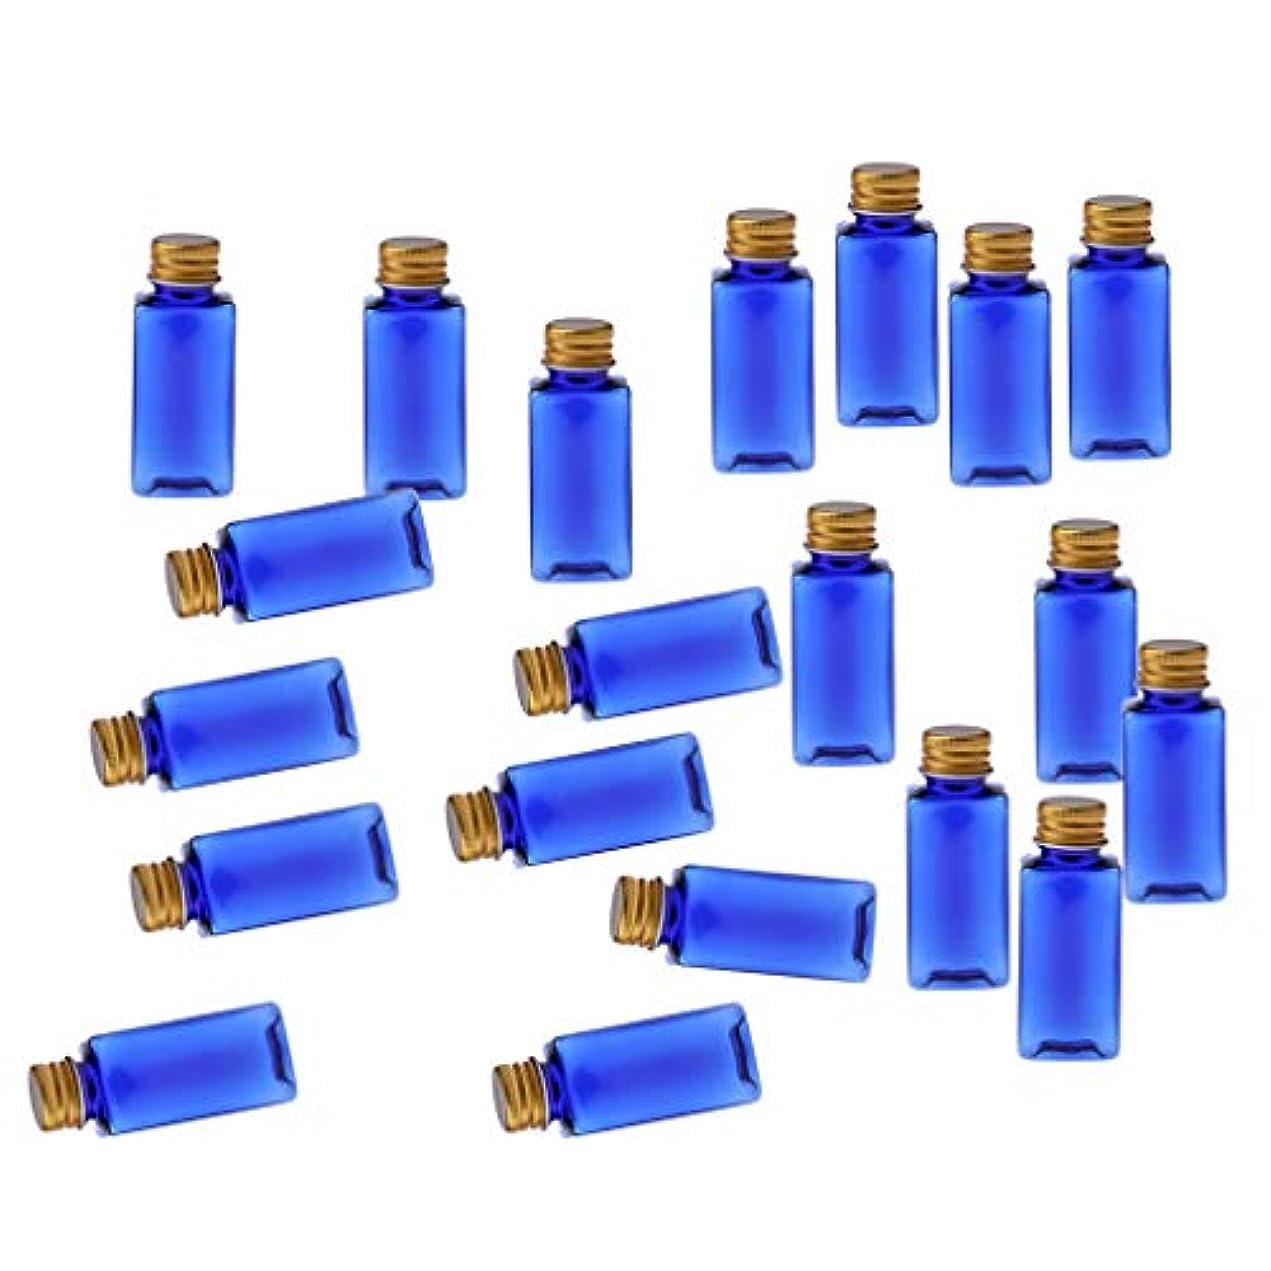 選択無効吸収する化粧ボトル 香水ボトル 液体化粧品 エッセンシャルオイル 香水 ボディオイル 20個入り - ブルーゴールド